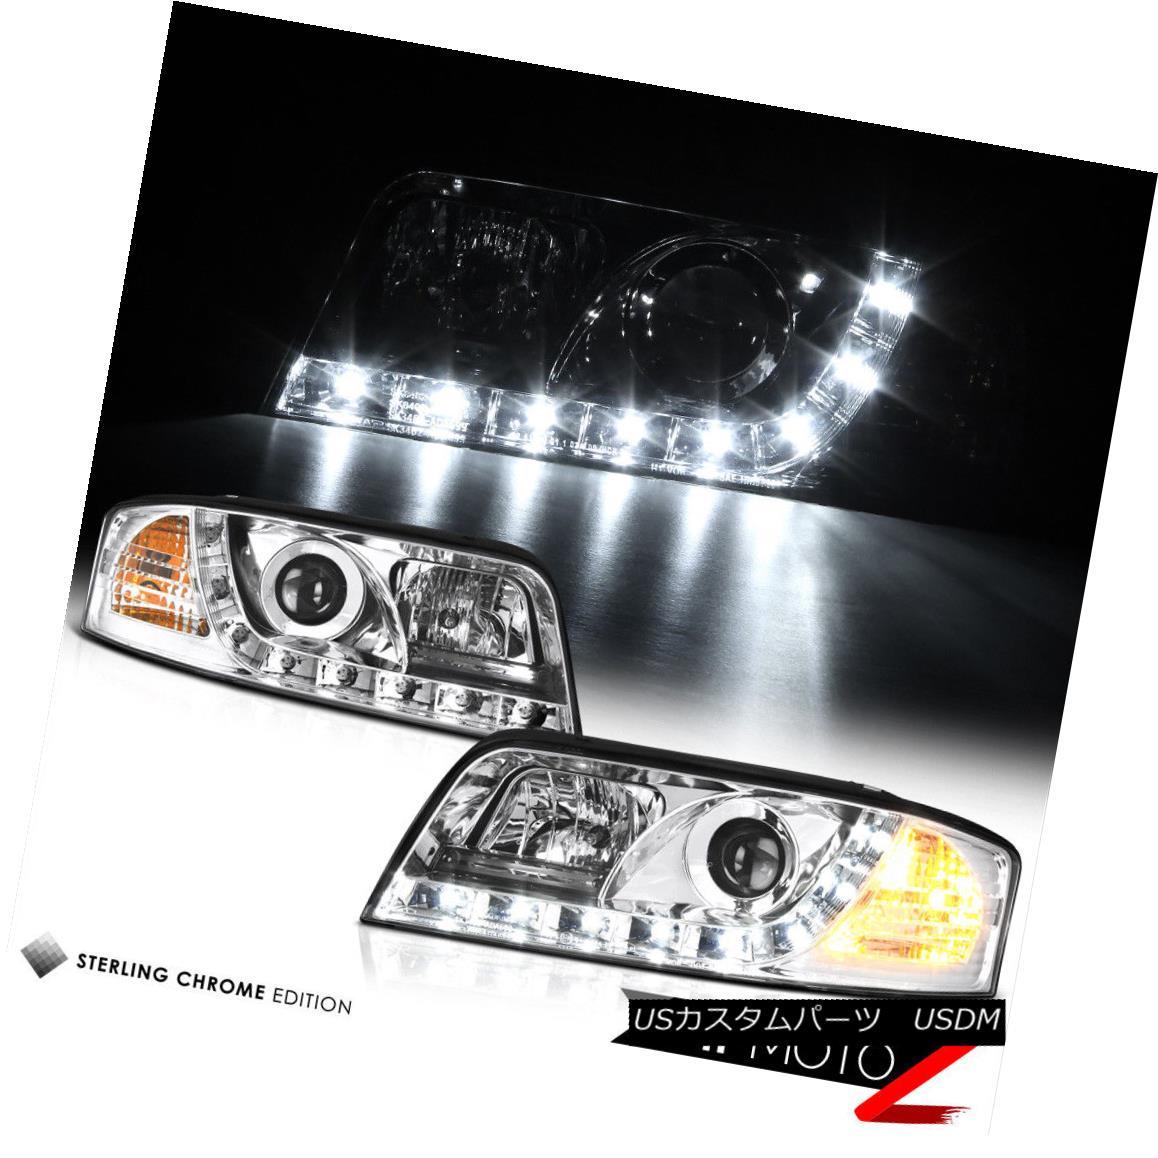 ヘッドライト AUDI A6/QUATTRO 02-04 Euro Chrome Projector Headlight LED SMD DRL Running Lamp AUDI A6 / QUATTRO 02-04ユーロクロームプロジェクターヘッドライトLED SMD DRLランニングランプ